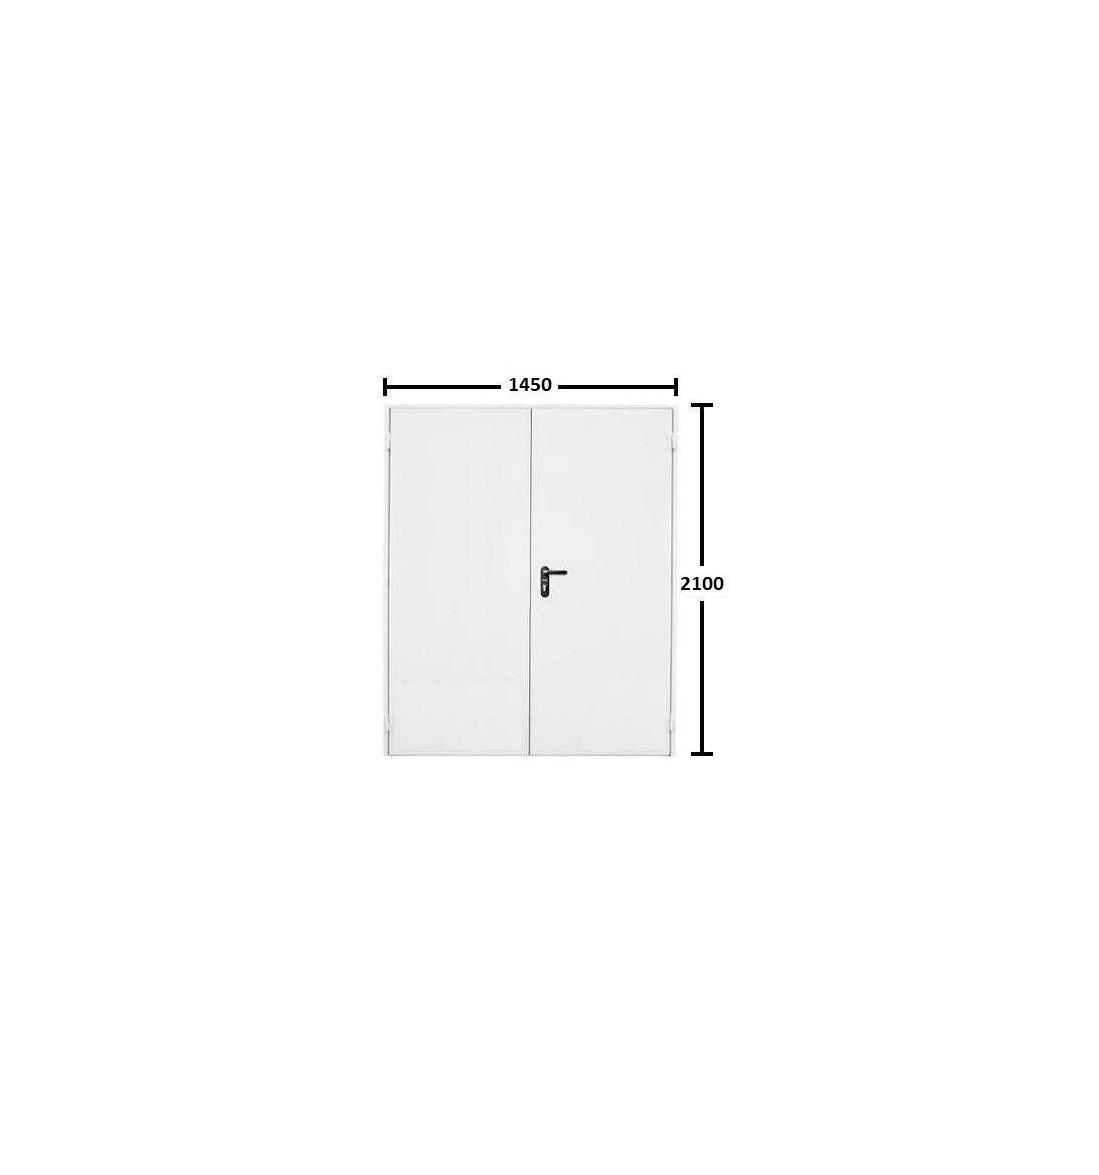 Puerta multiusos 2 hojas 1450*2100 sin ventilación